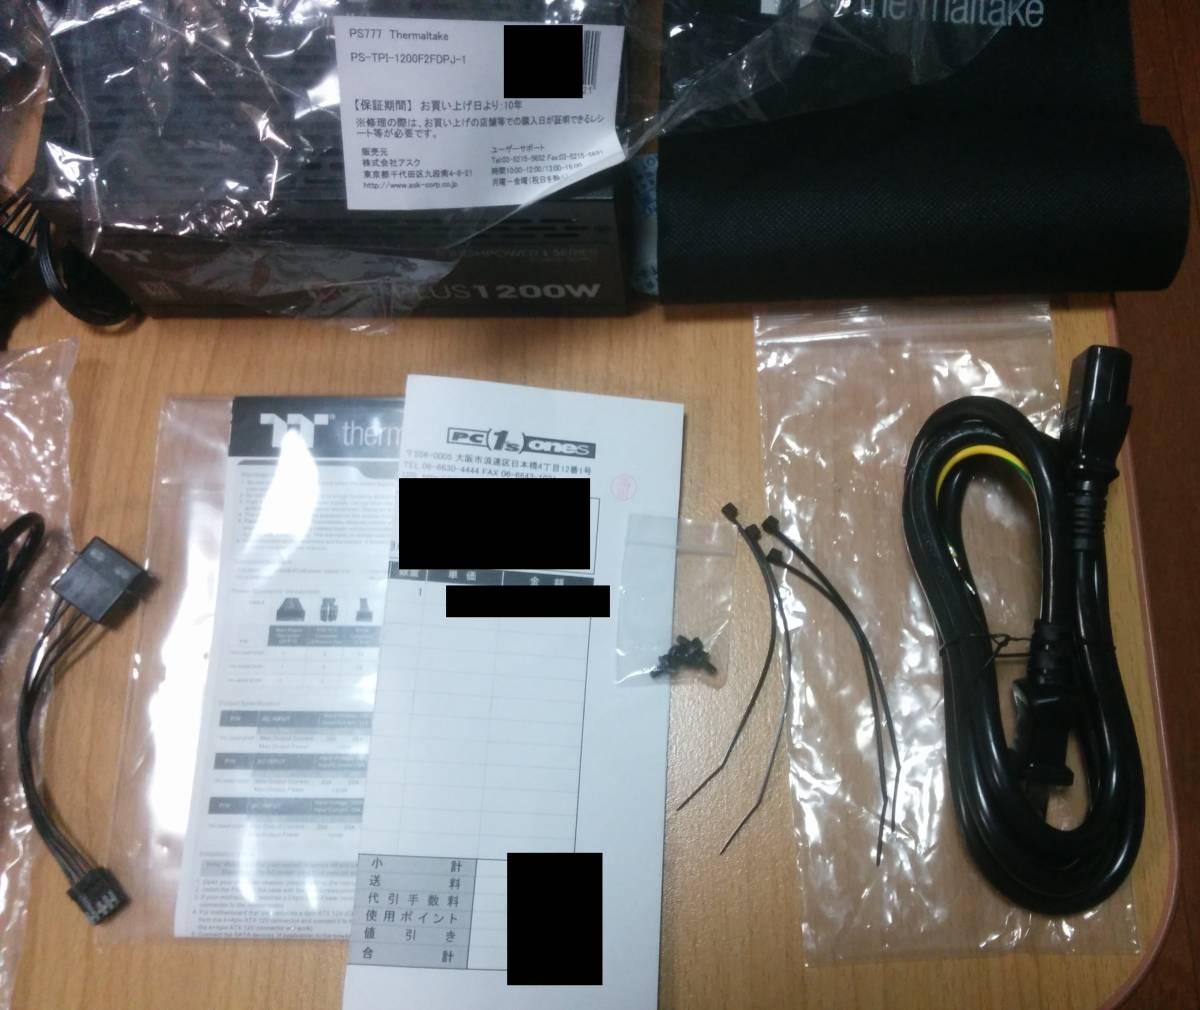 【10年保証 保証シール伝票】Thermaltake Toughpower iRGB PLUS 1200W PLATINUM PS-TPI-1200F2FDPJ-1日本製コンデンサ プラチナ電源 自作PC_画像7